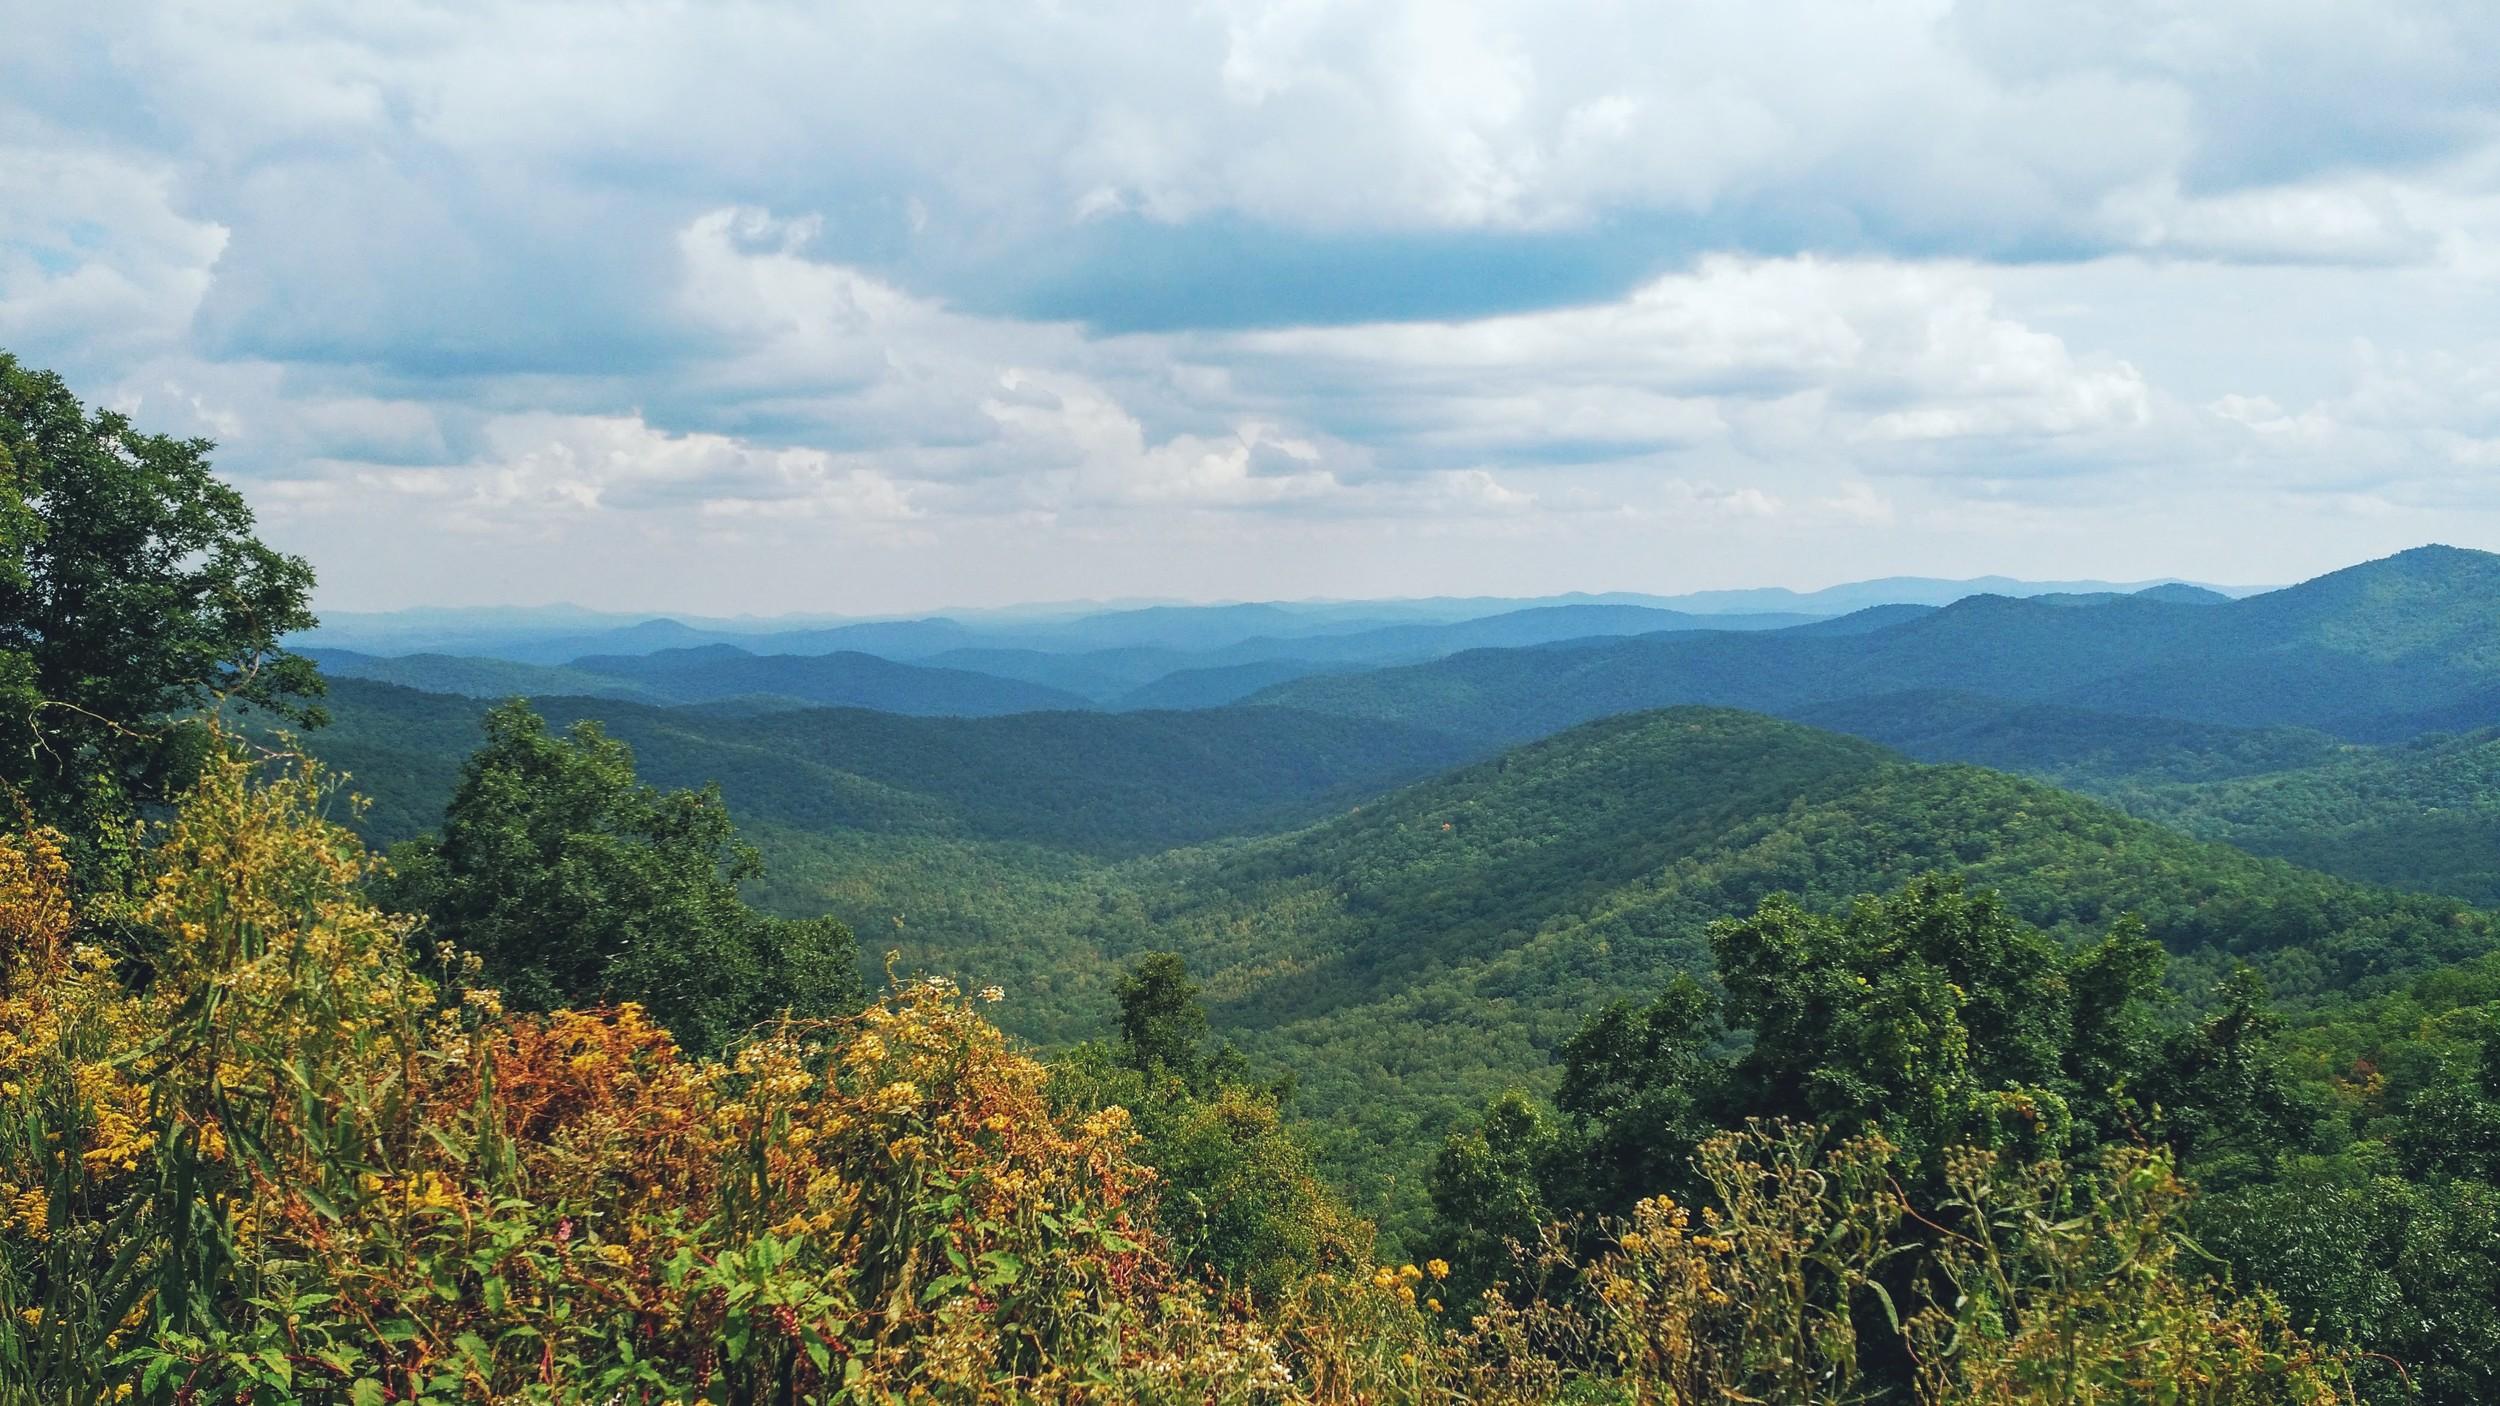 Gorgeous Blue Ridge Mountains!